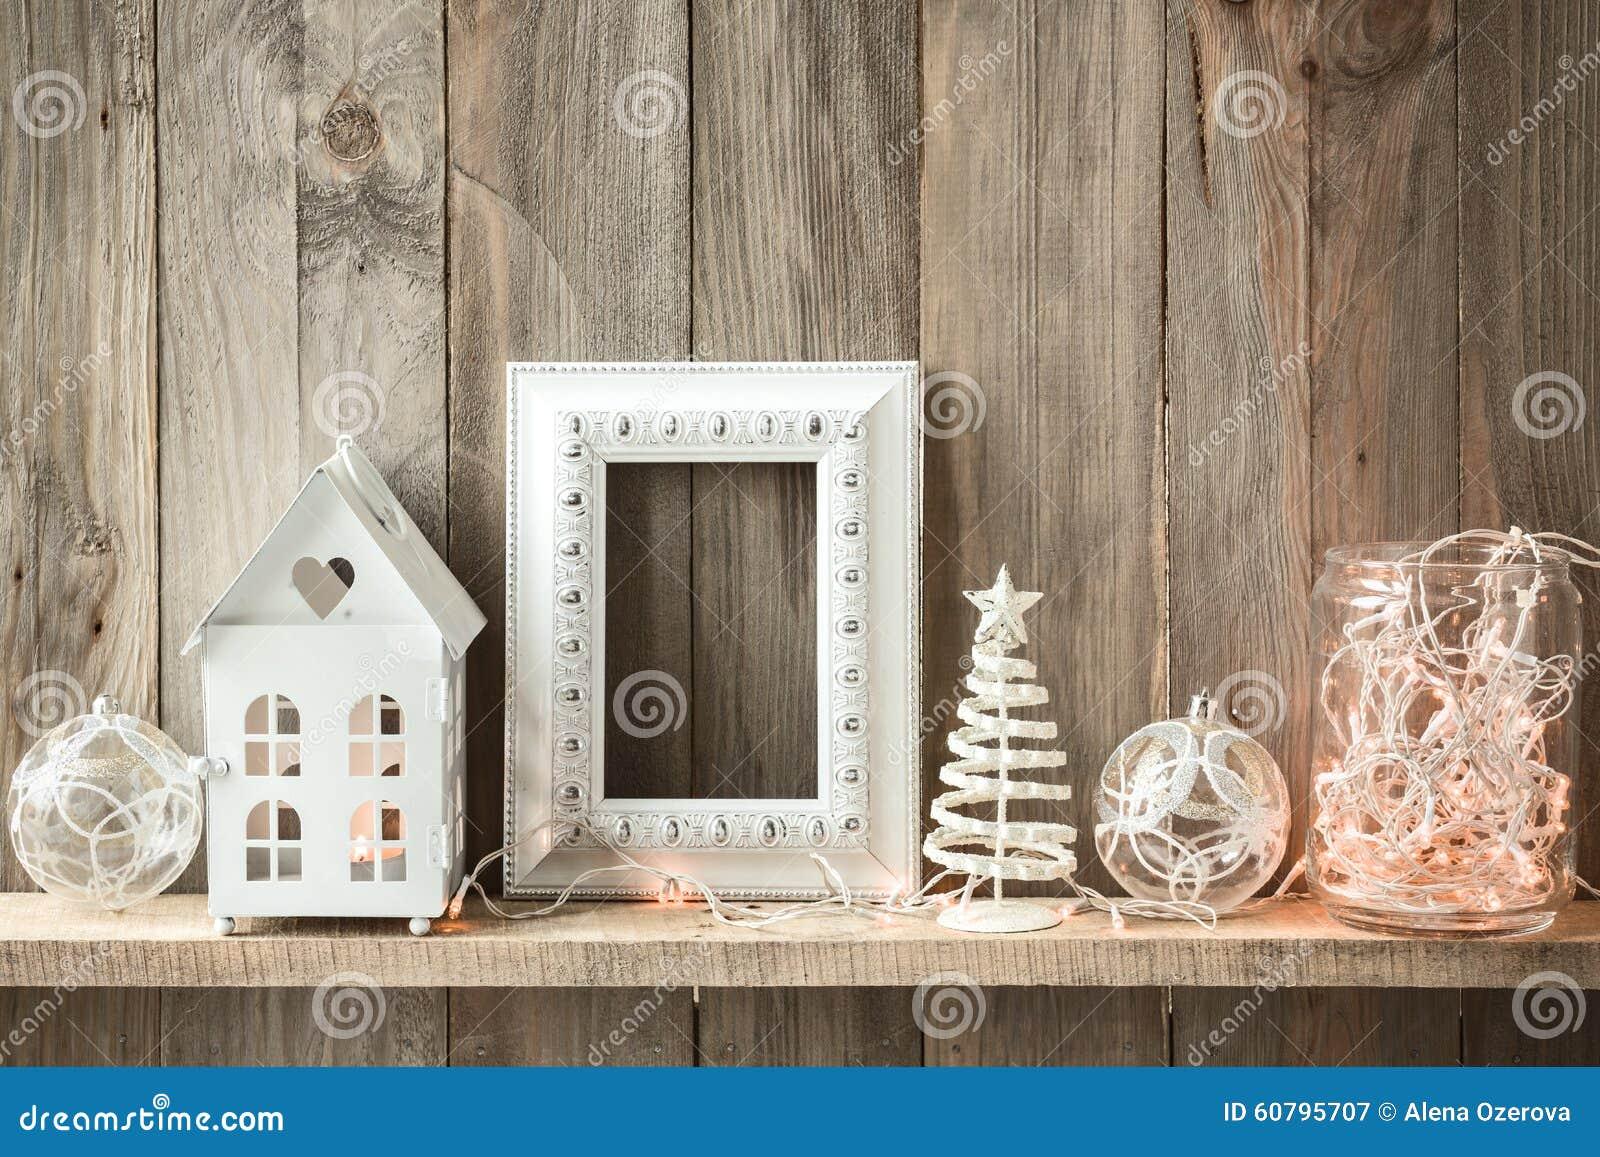 Christmas Home Decor Stock Photo Image 60795707